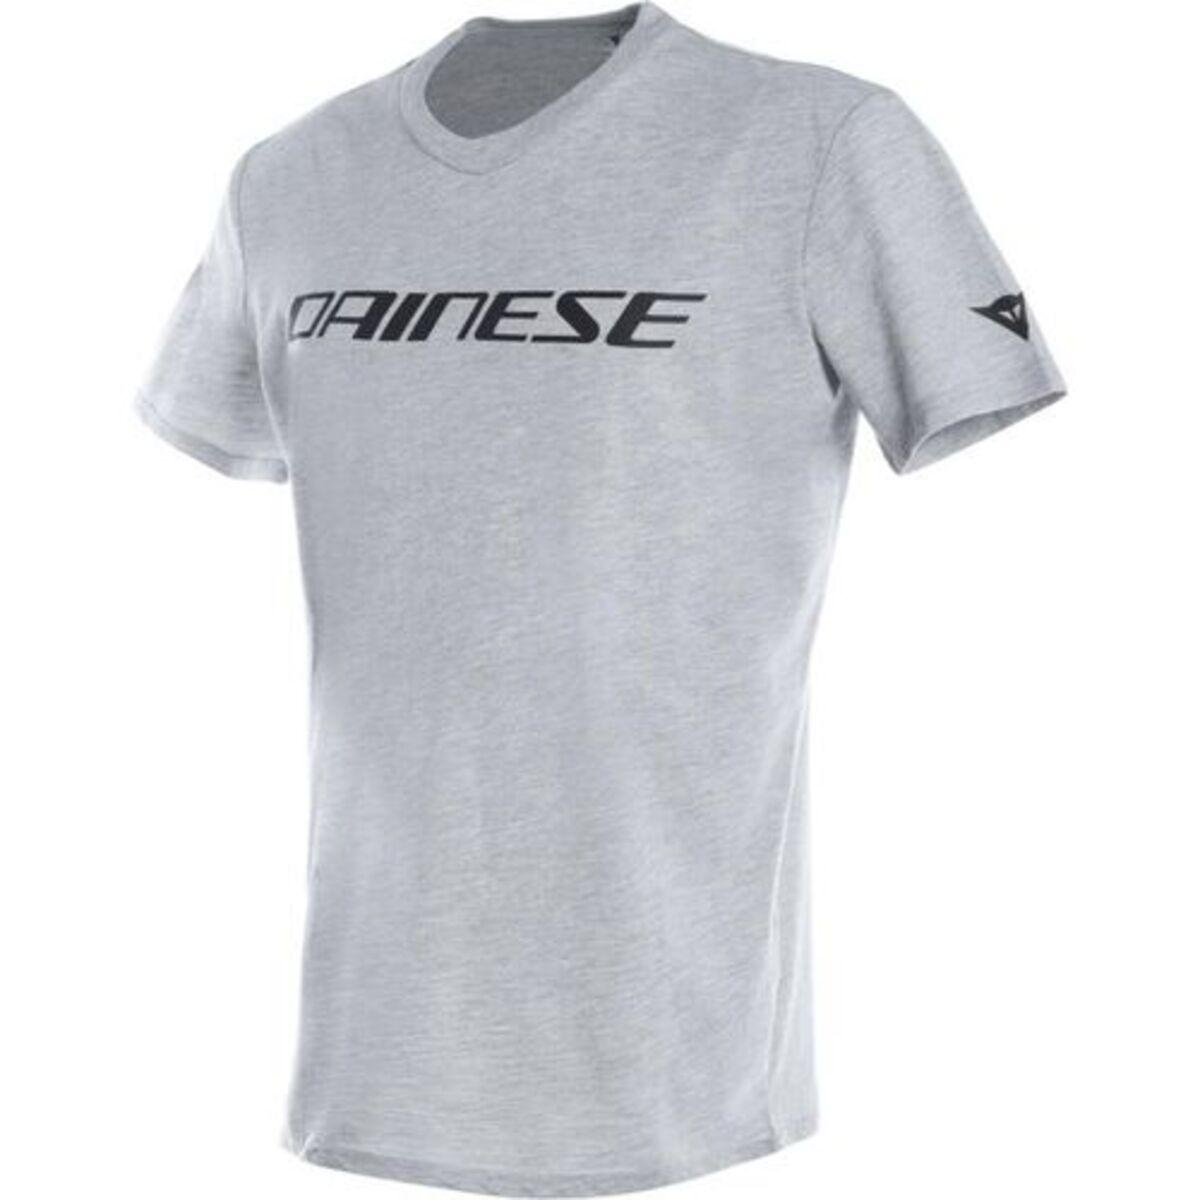 """Bild 1 von Dainese            """"Dainese"""" T-Shirt grau/schwarz"""